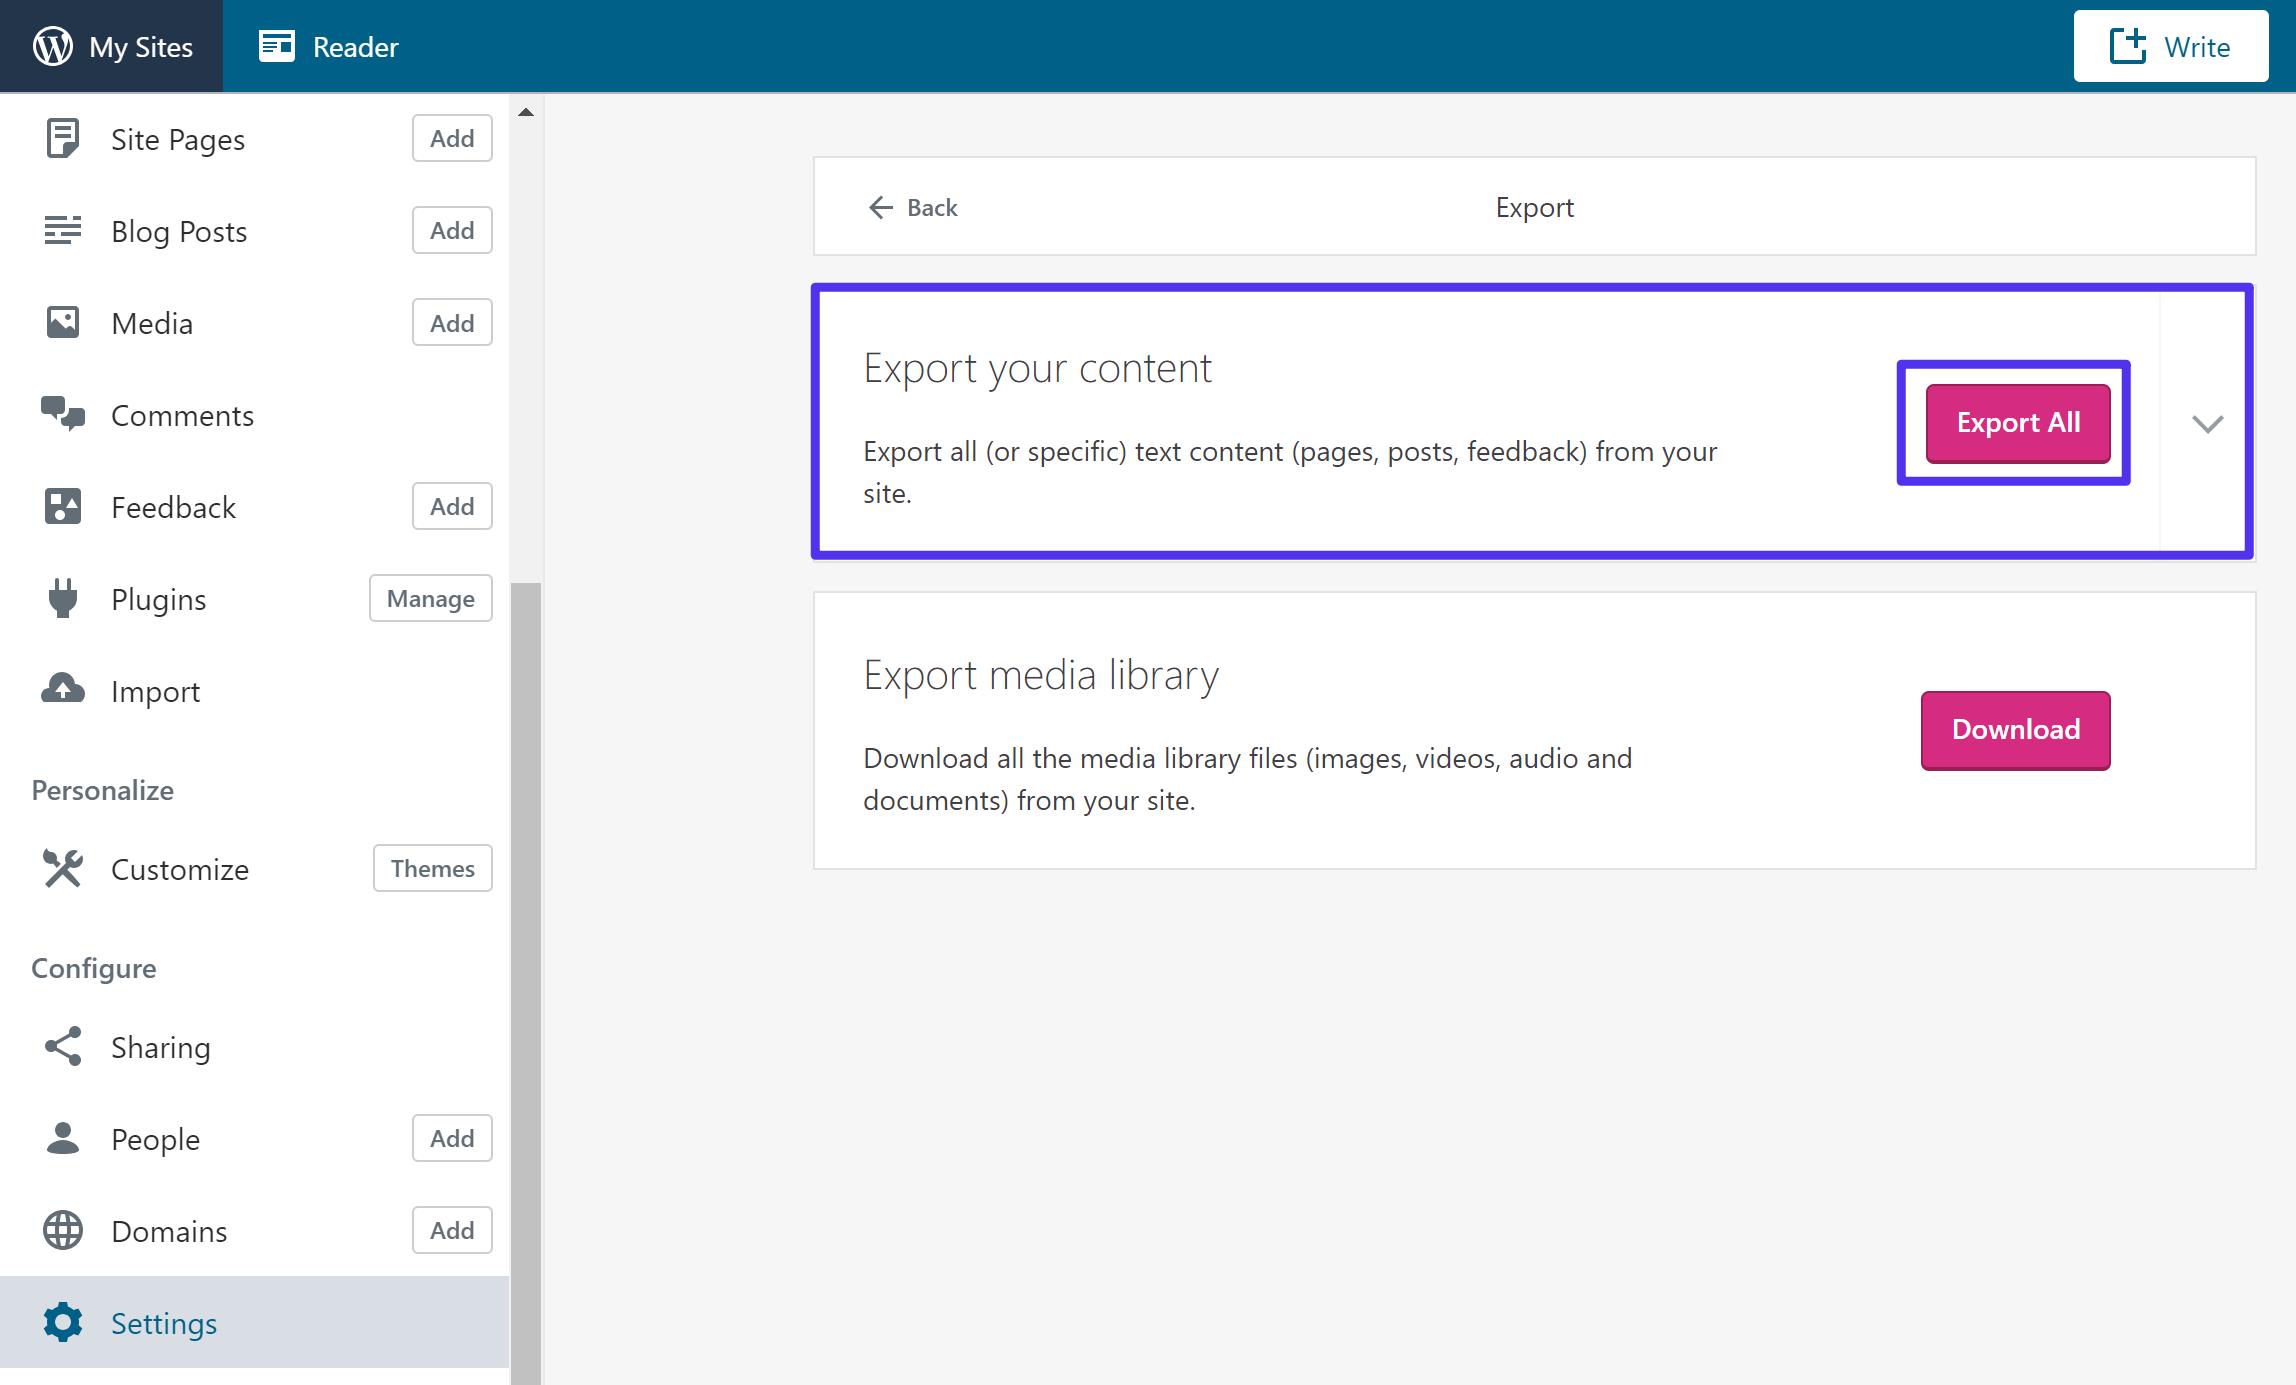 Exporte su contenido de WordPress.com